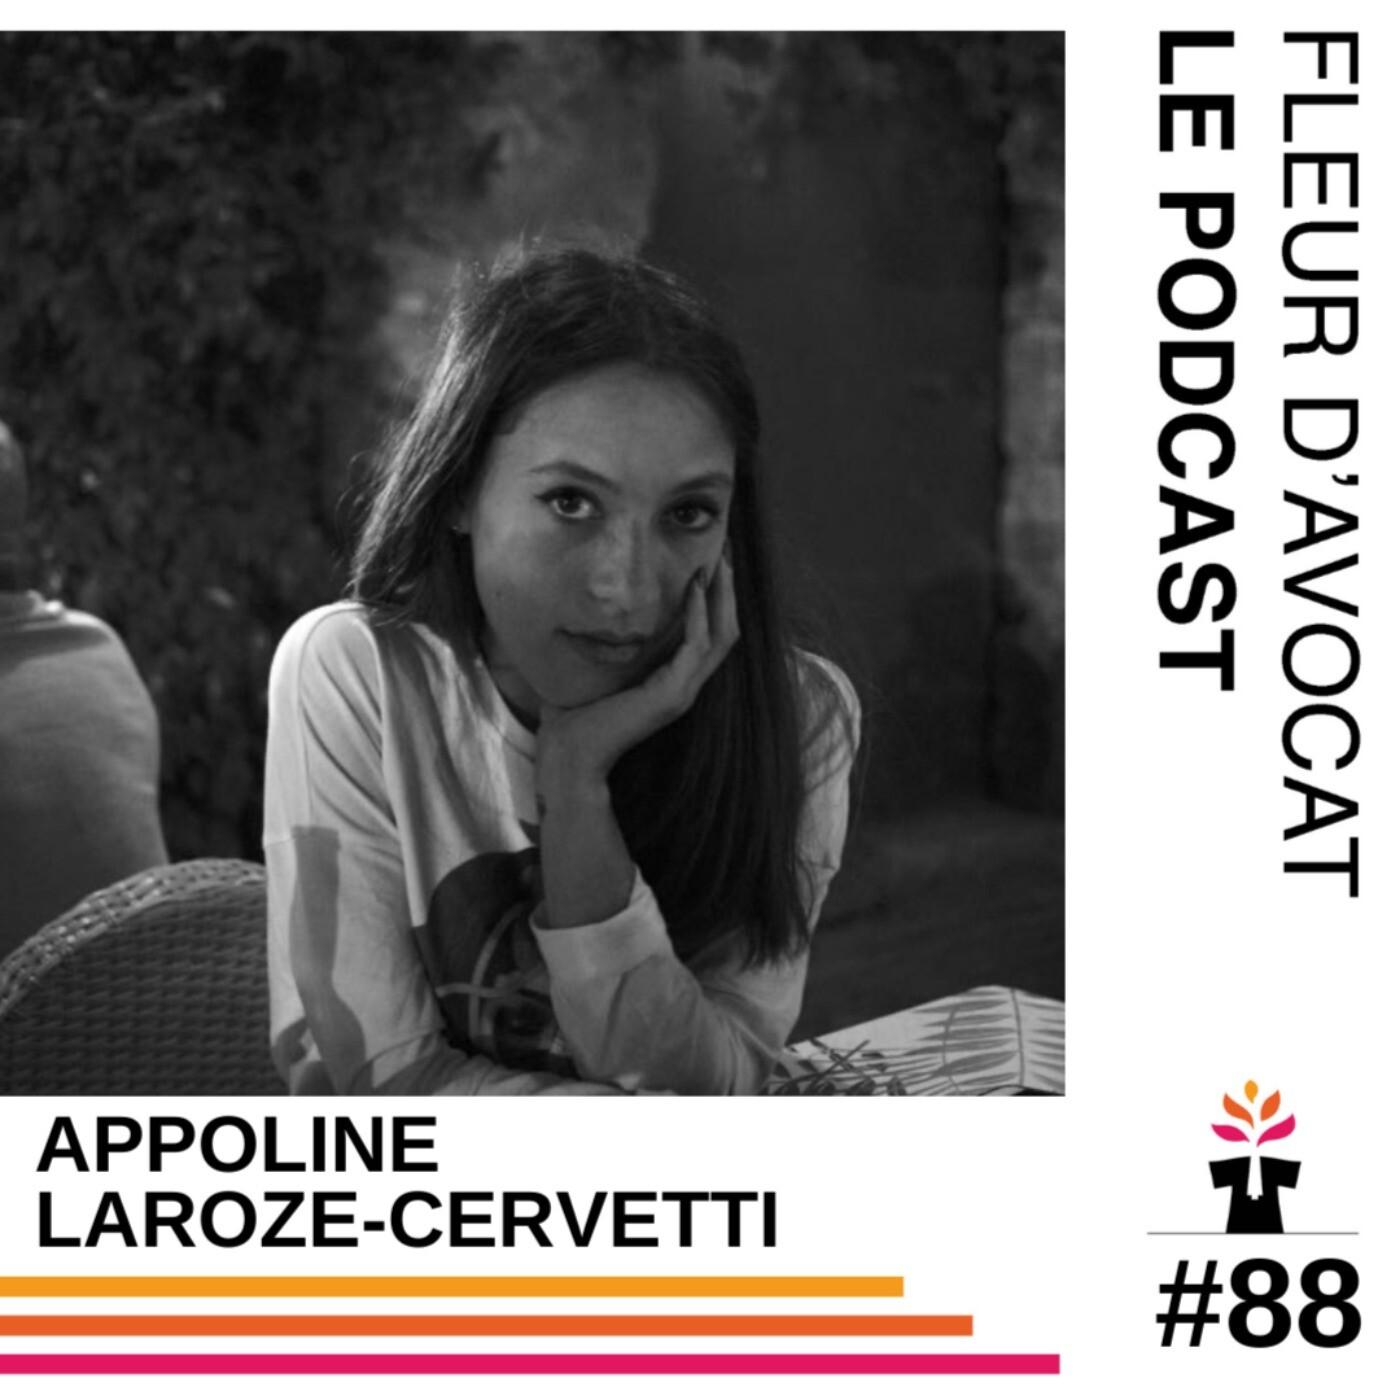 #88 - Apolline Laroze-Cervetti : « Moi ça se passe très bien la collaboration »